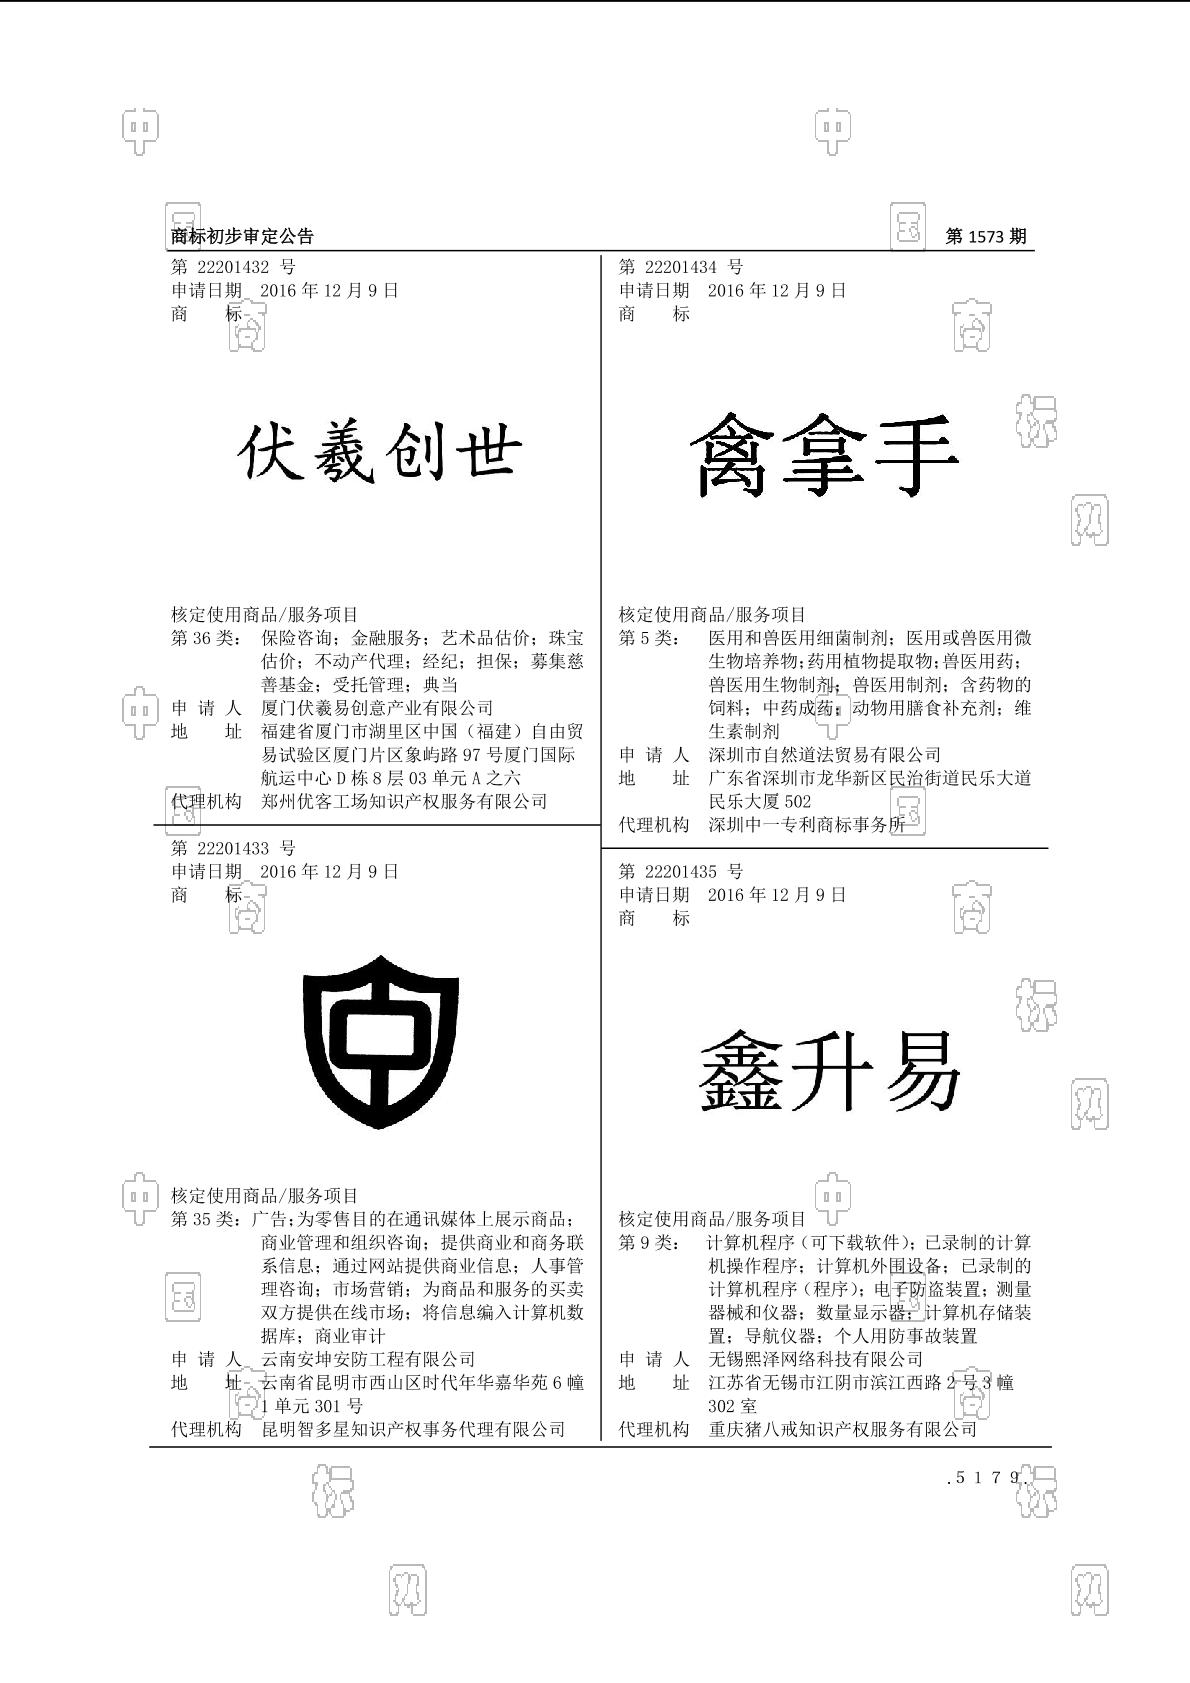 【社标网】22201433商标状态注册号信息 云南安坤安防工程有限公司商标信息-商标查询